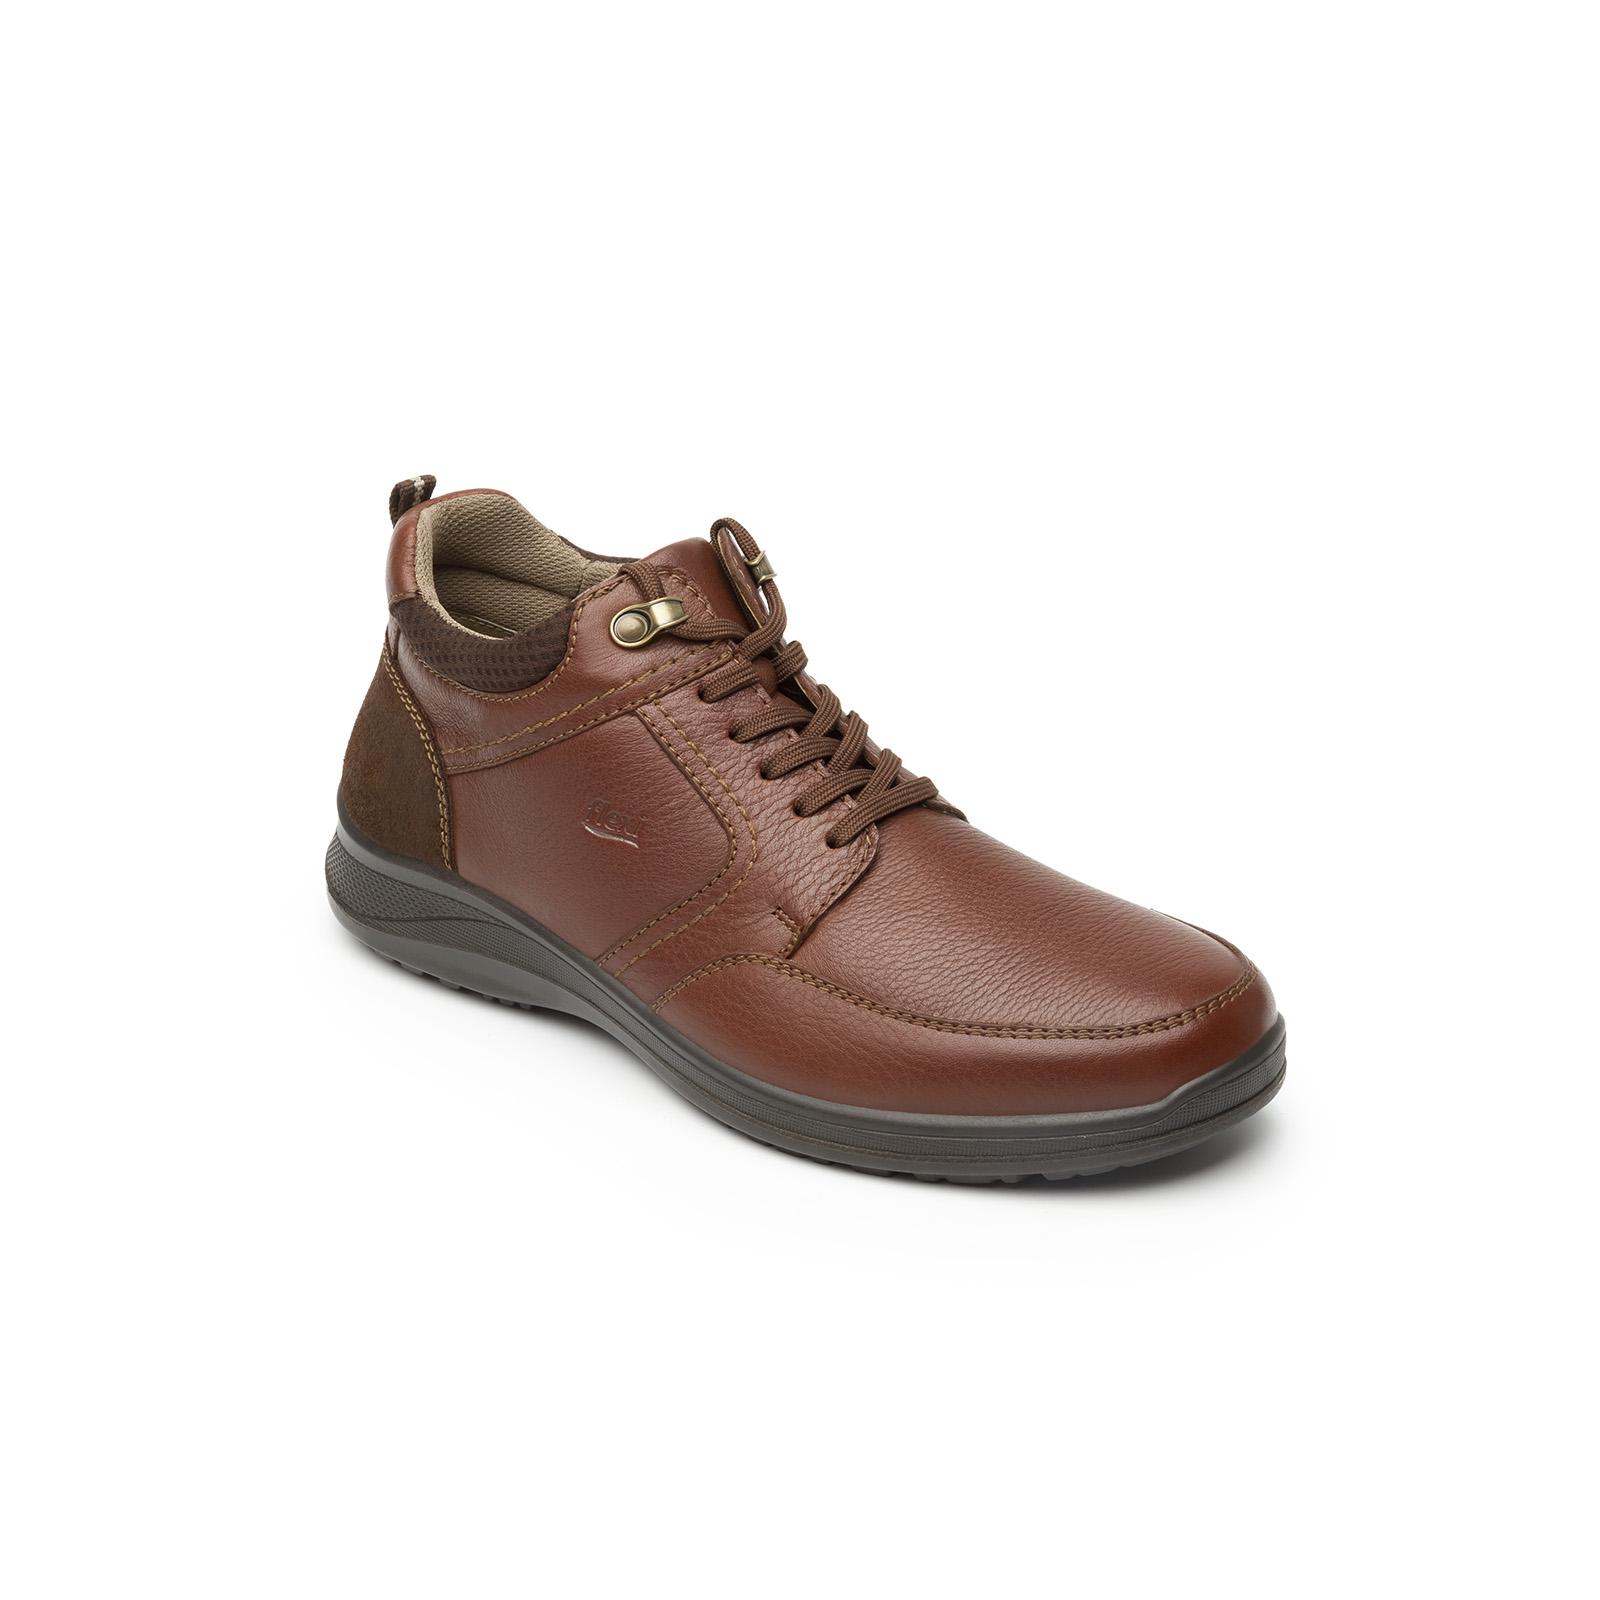 7b664d4bc43 Zapatos para caballero - Zapaterías Flexi México